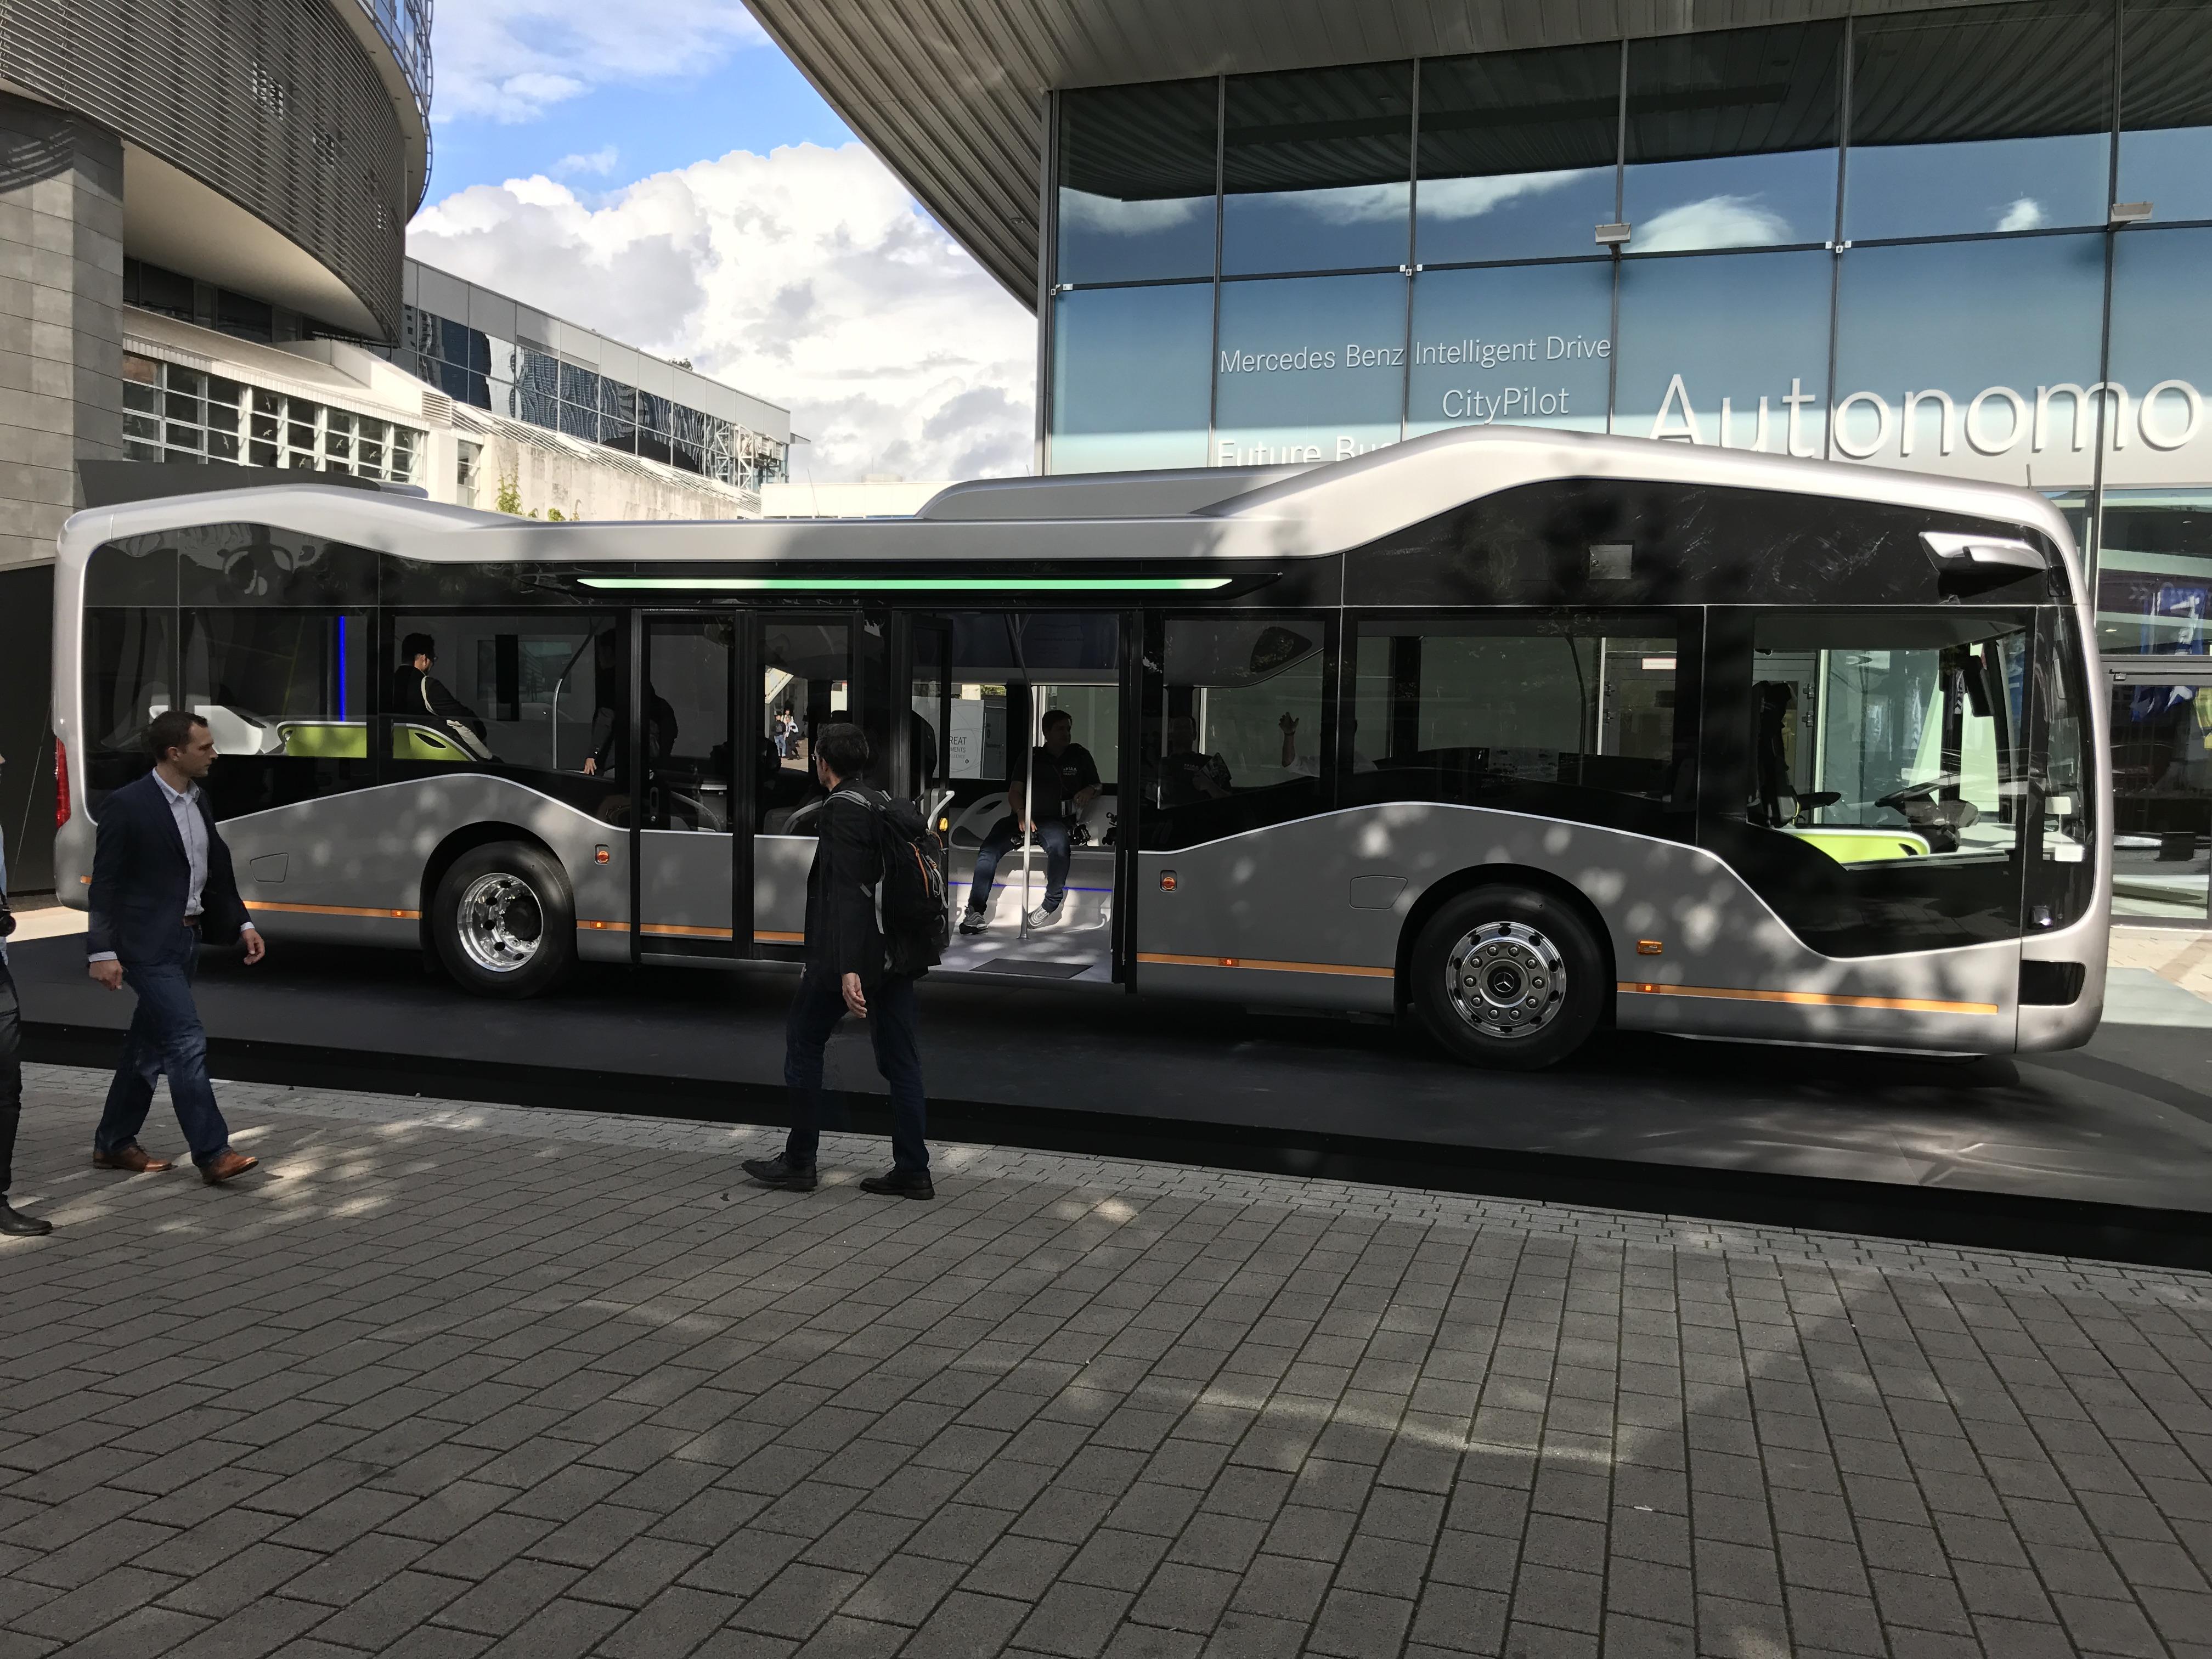 on a vu le future bus autonome de mercedes il est plus ou moins pr t contrairement aux lois. Black Bedroom Furniture Sets. Home Design Ideas